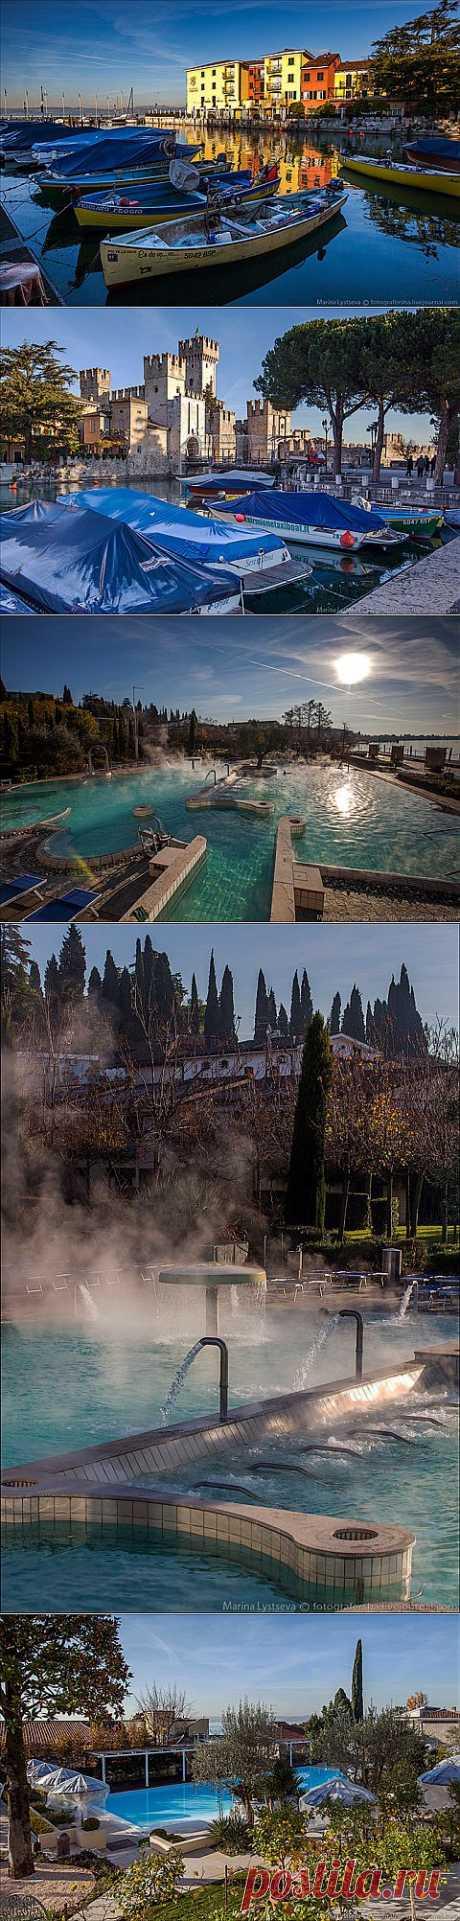 (+1) - Путешествие к самому большому озеру в Италии | Непутевые заметки